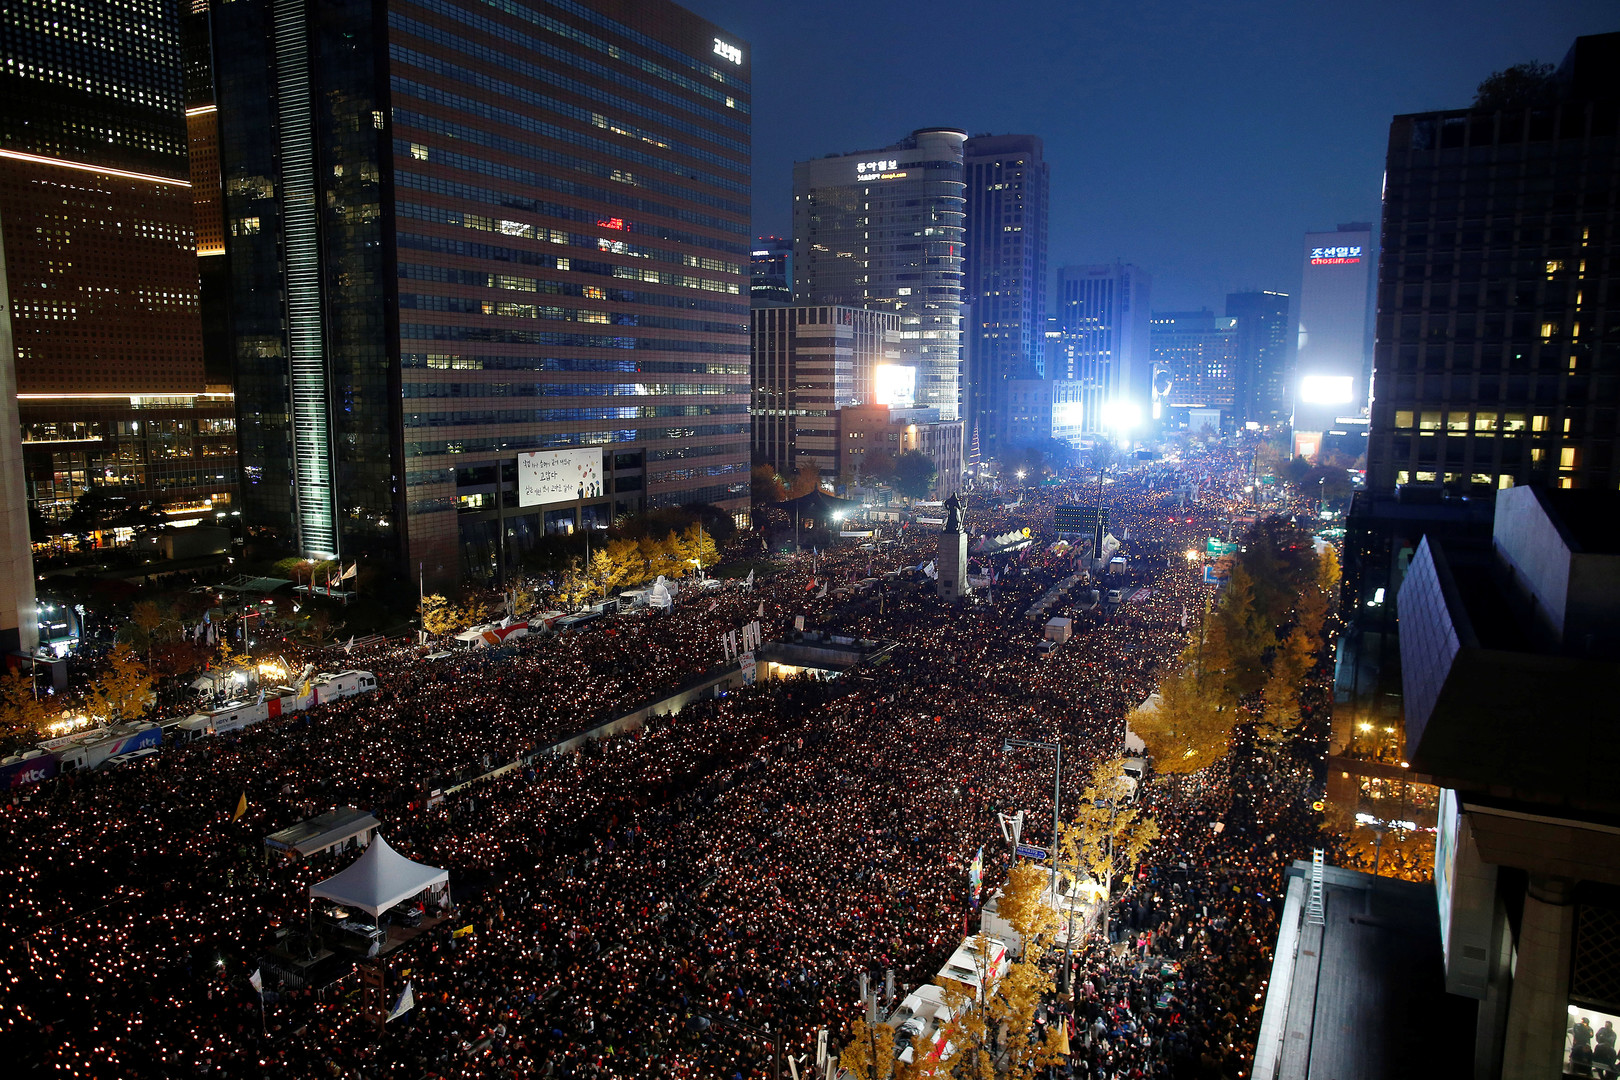 В Сеуле прошёл многотысячный митинг за отставку президента Южной Кореи